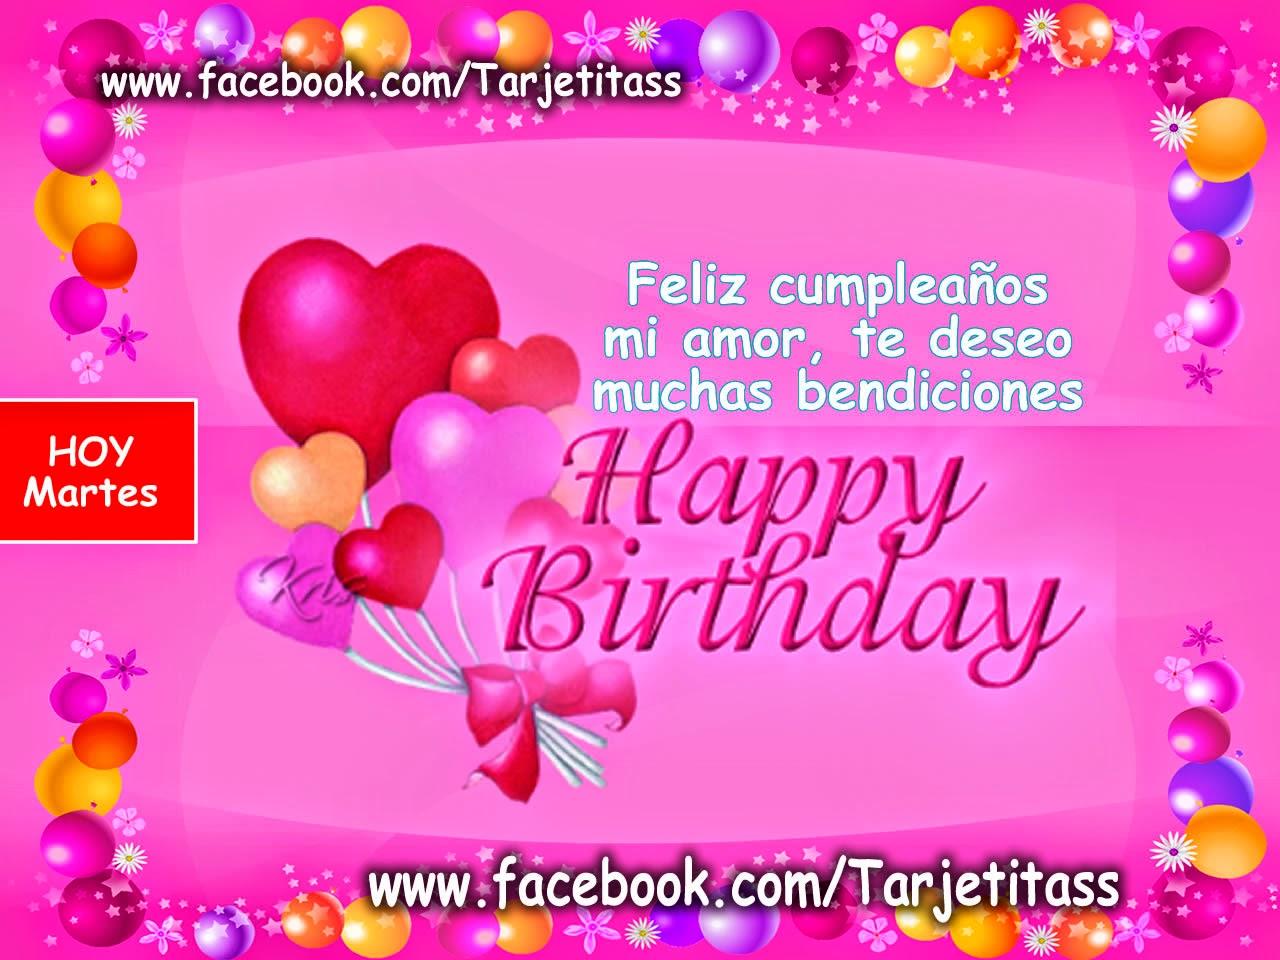 Feliz Martes mi Amor Imagenes Feliz Cumpleaños mi Amor